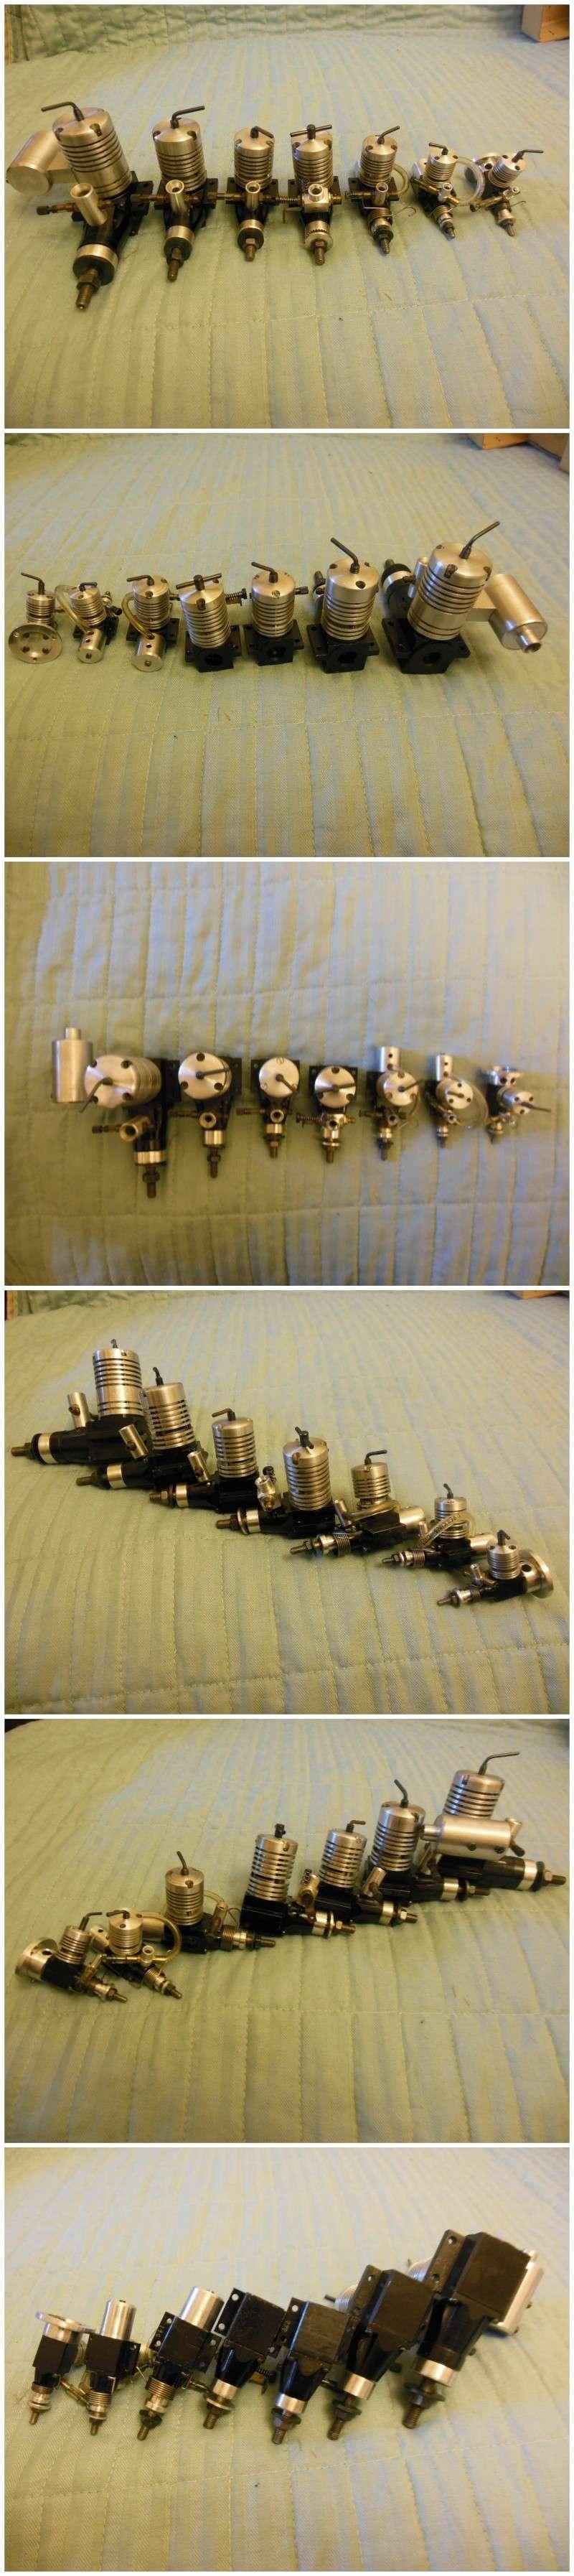 AE Diesels - 0.1, 0.2. 0.5. 1.0, 1.0 rc 1.5 and 2.5 cc (The full monty!) Ae_die10